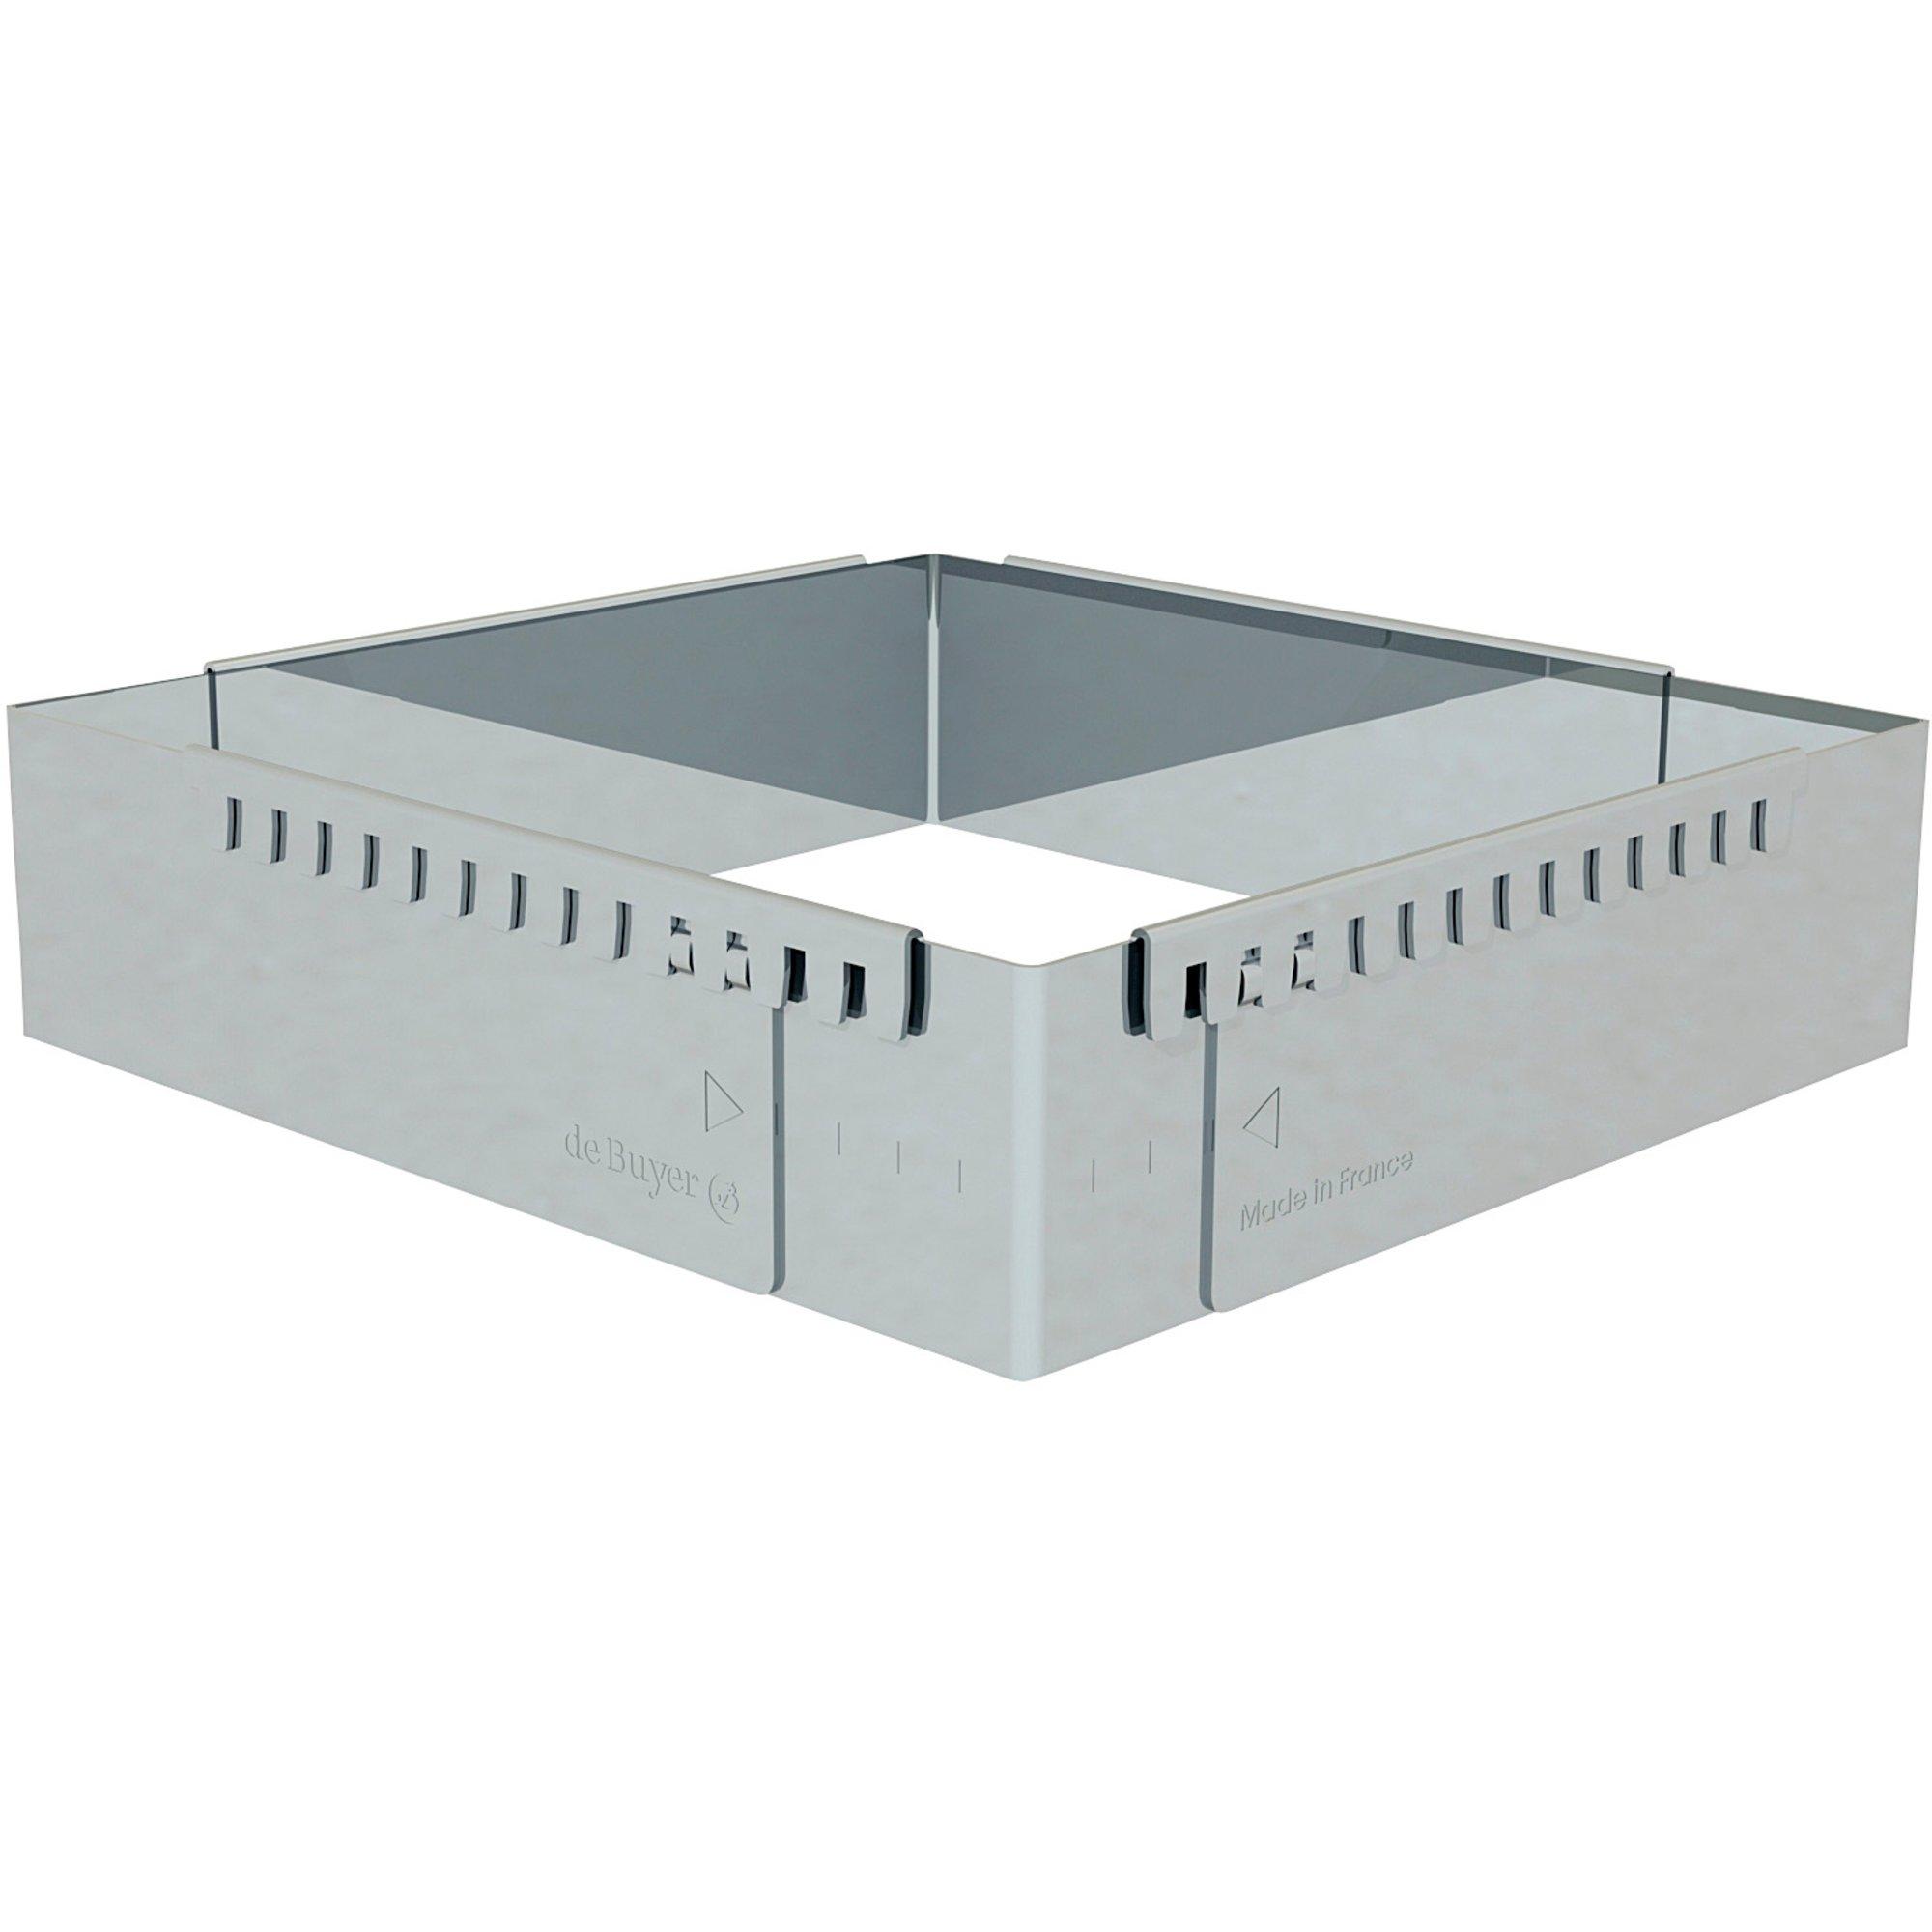 De Buyer Justerbar bakform 215 X 115 cm – 40 x 21 cm